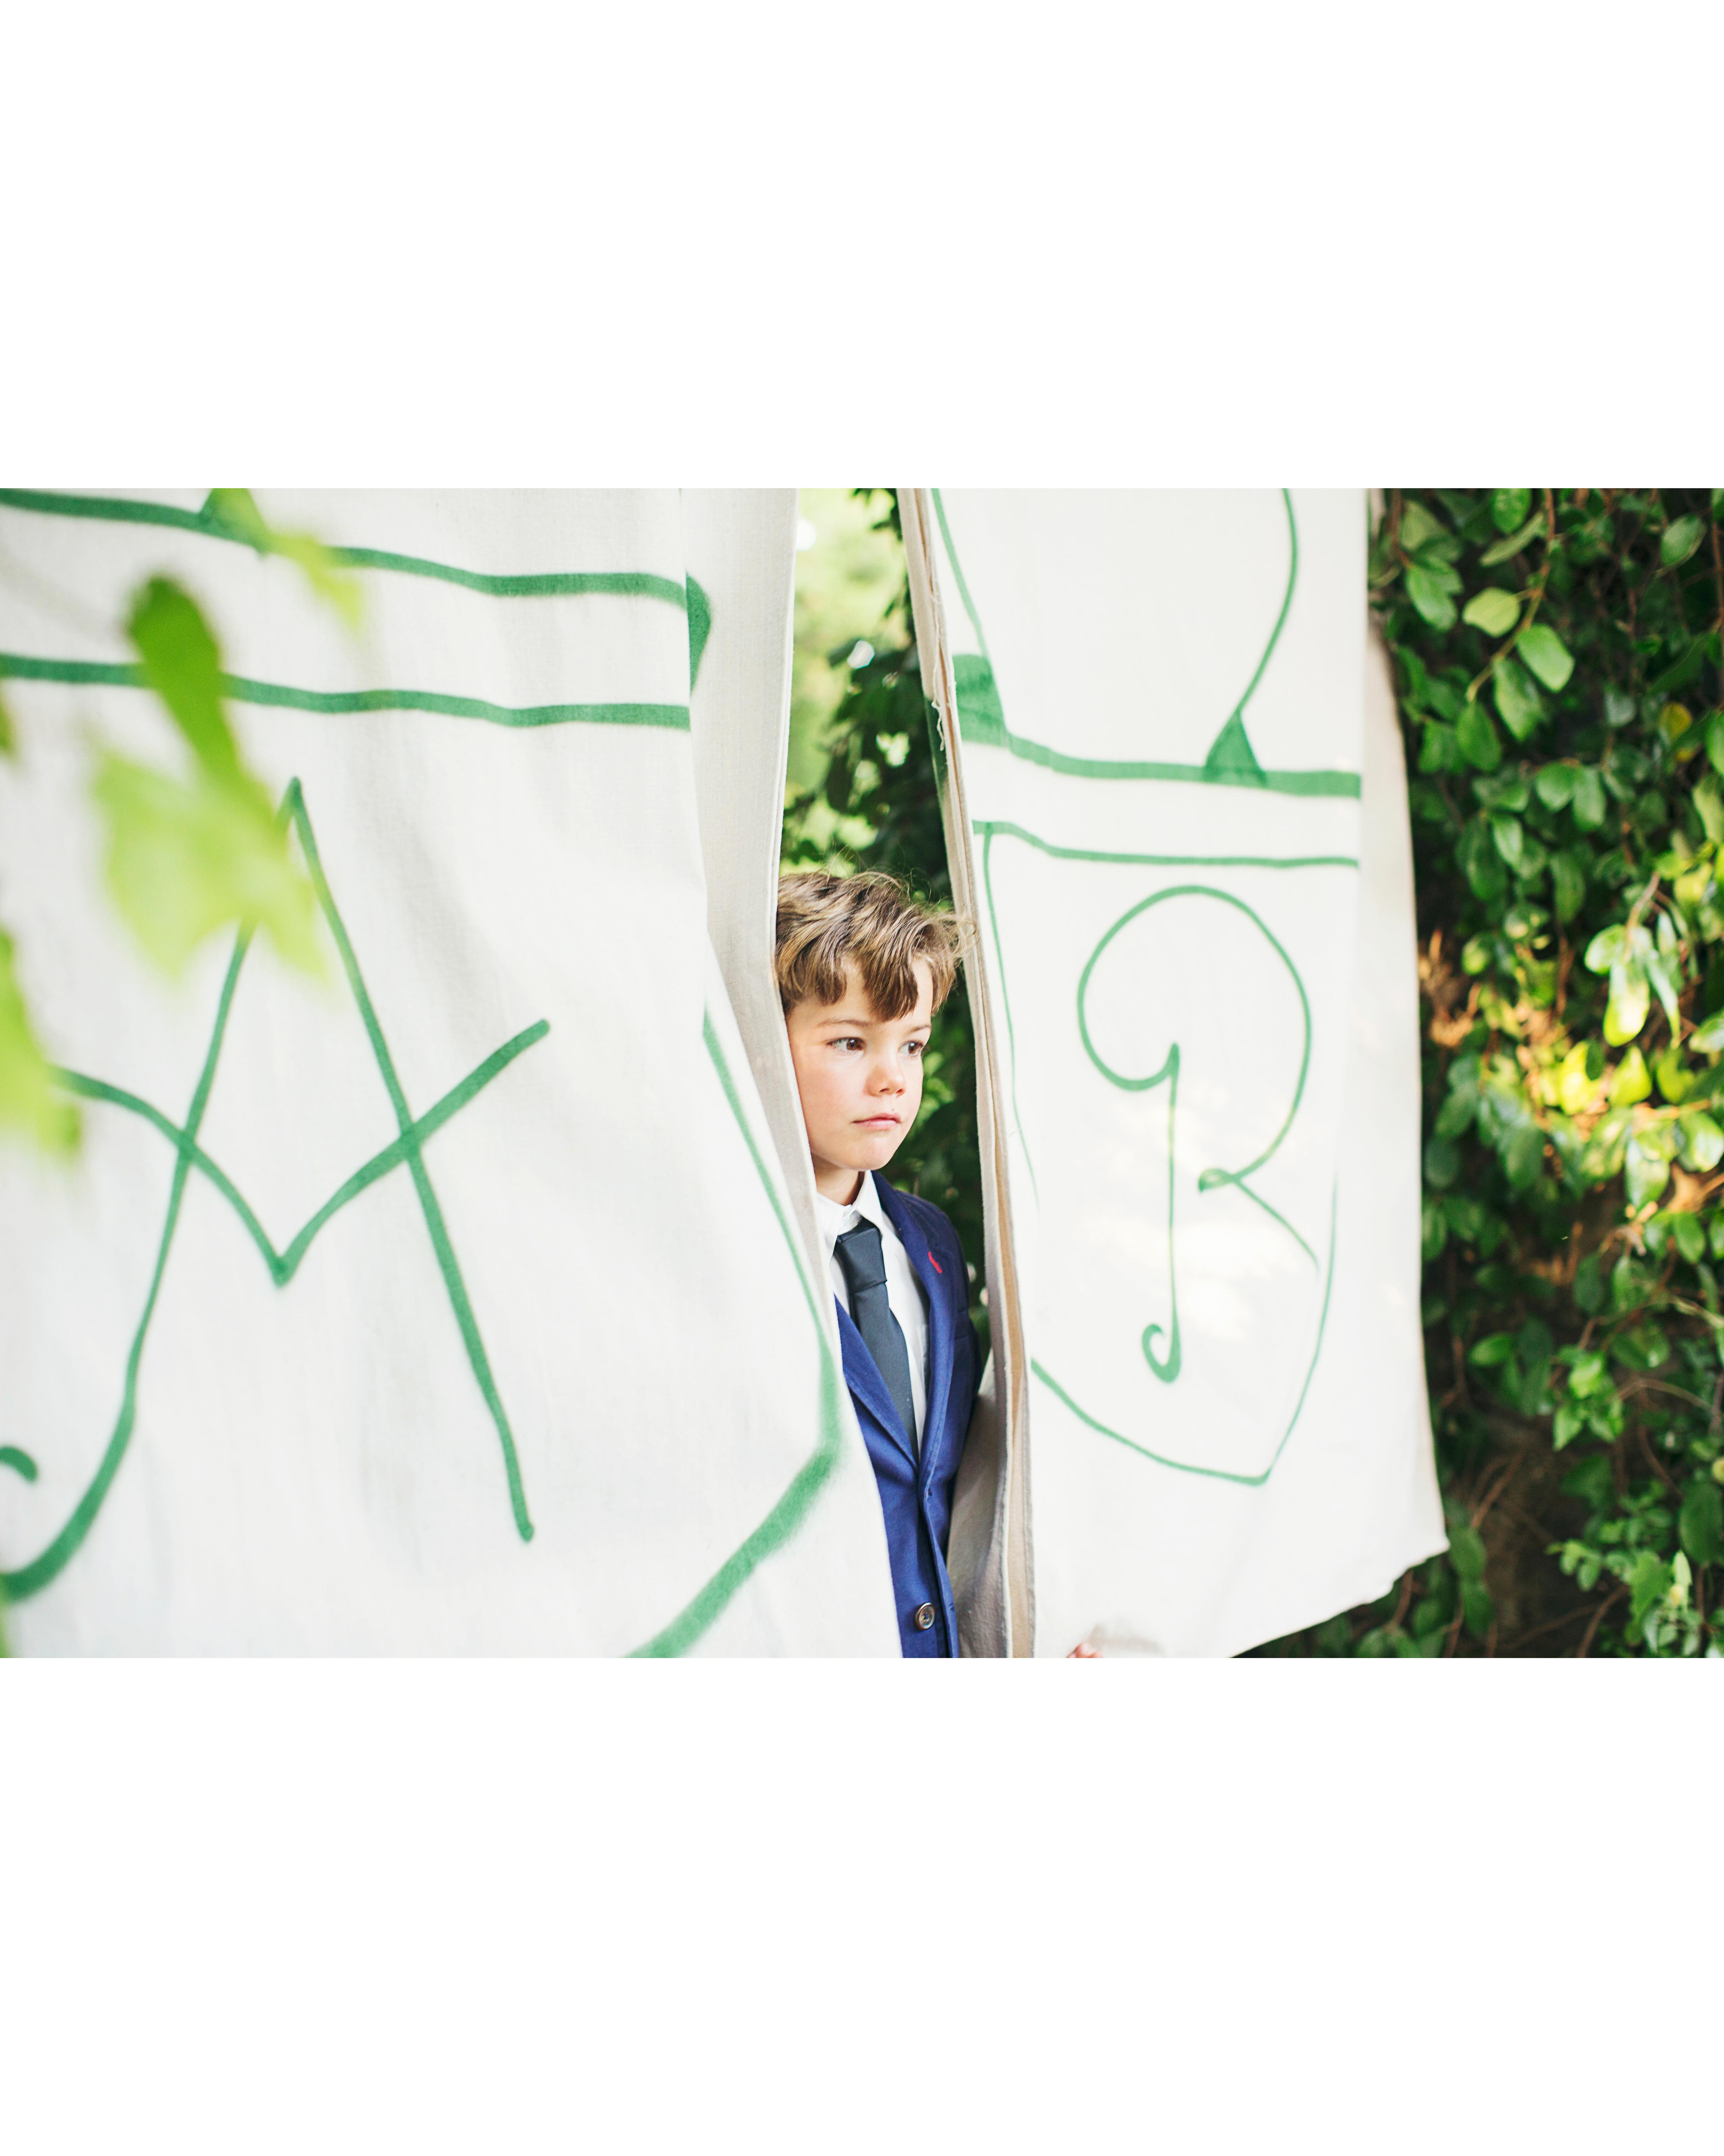 rosie-ambi-wedding-banner-5851-s112501-0116.jpg